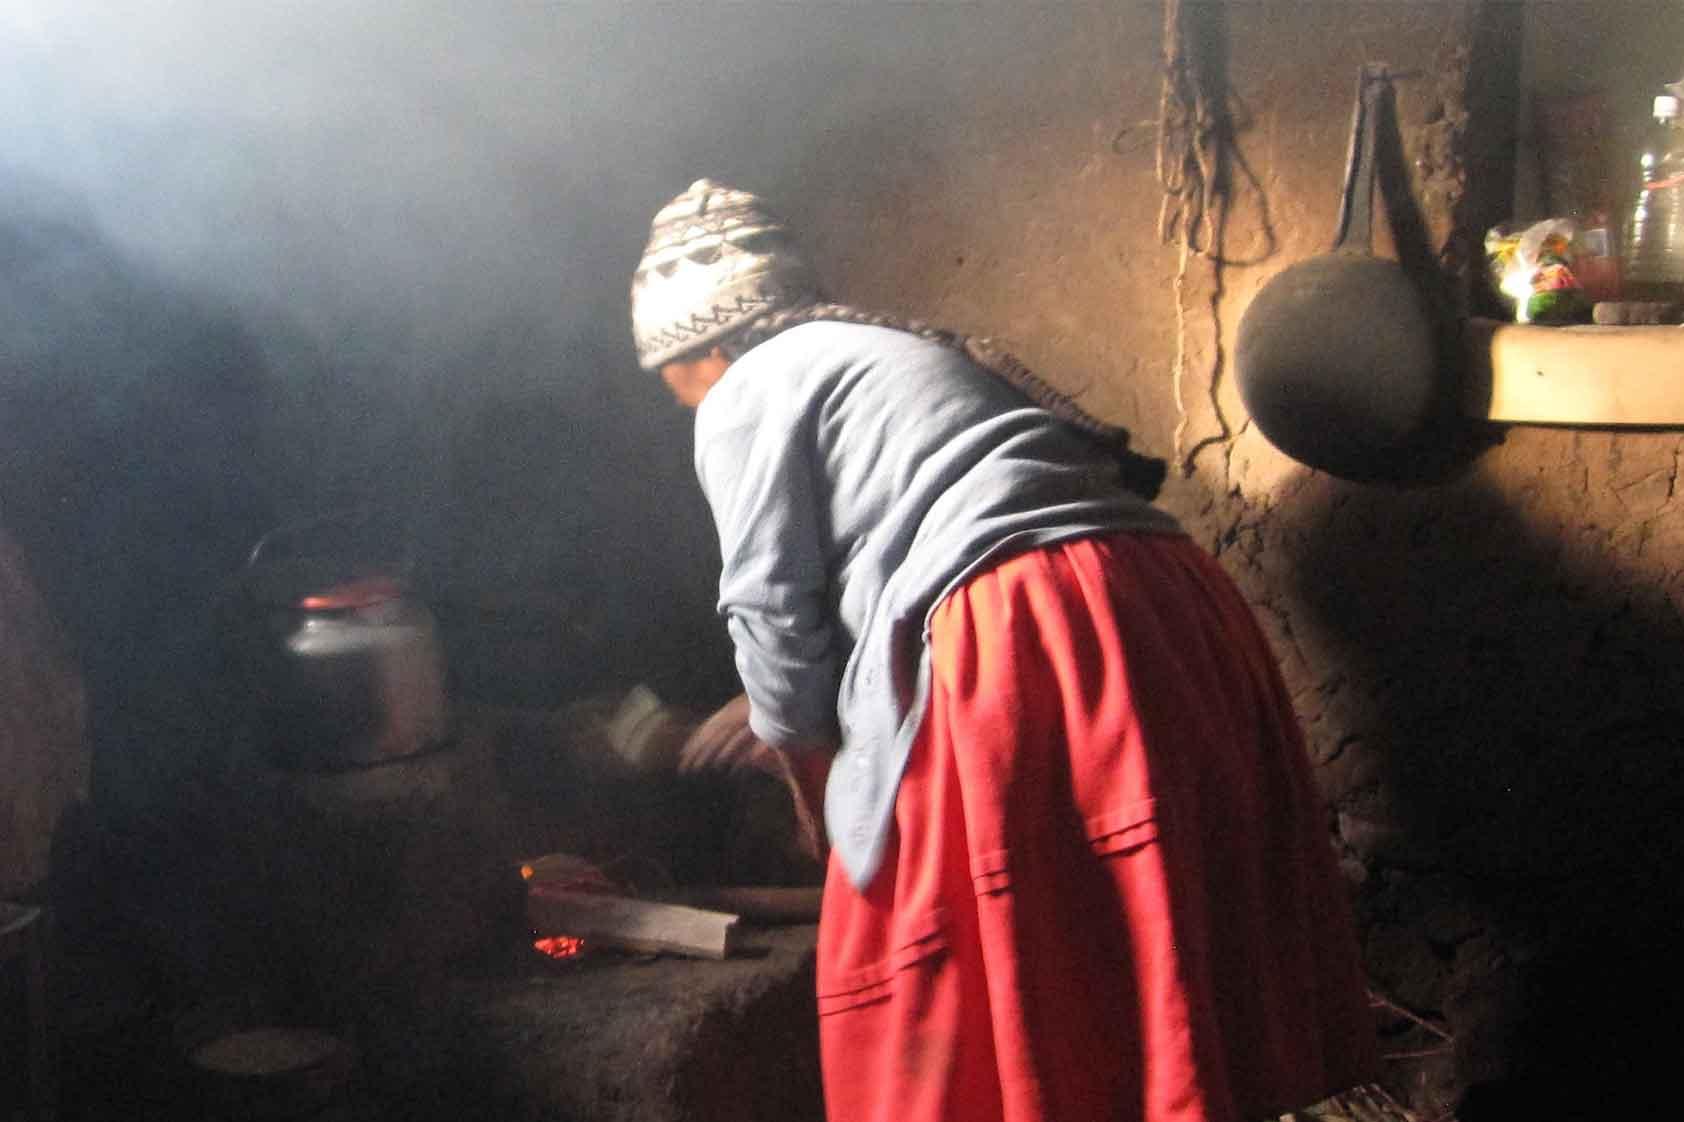 El humo dentro de casa: un asesino silencioso en hogares que cocinan con leña